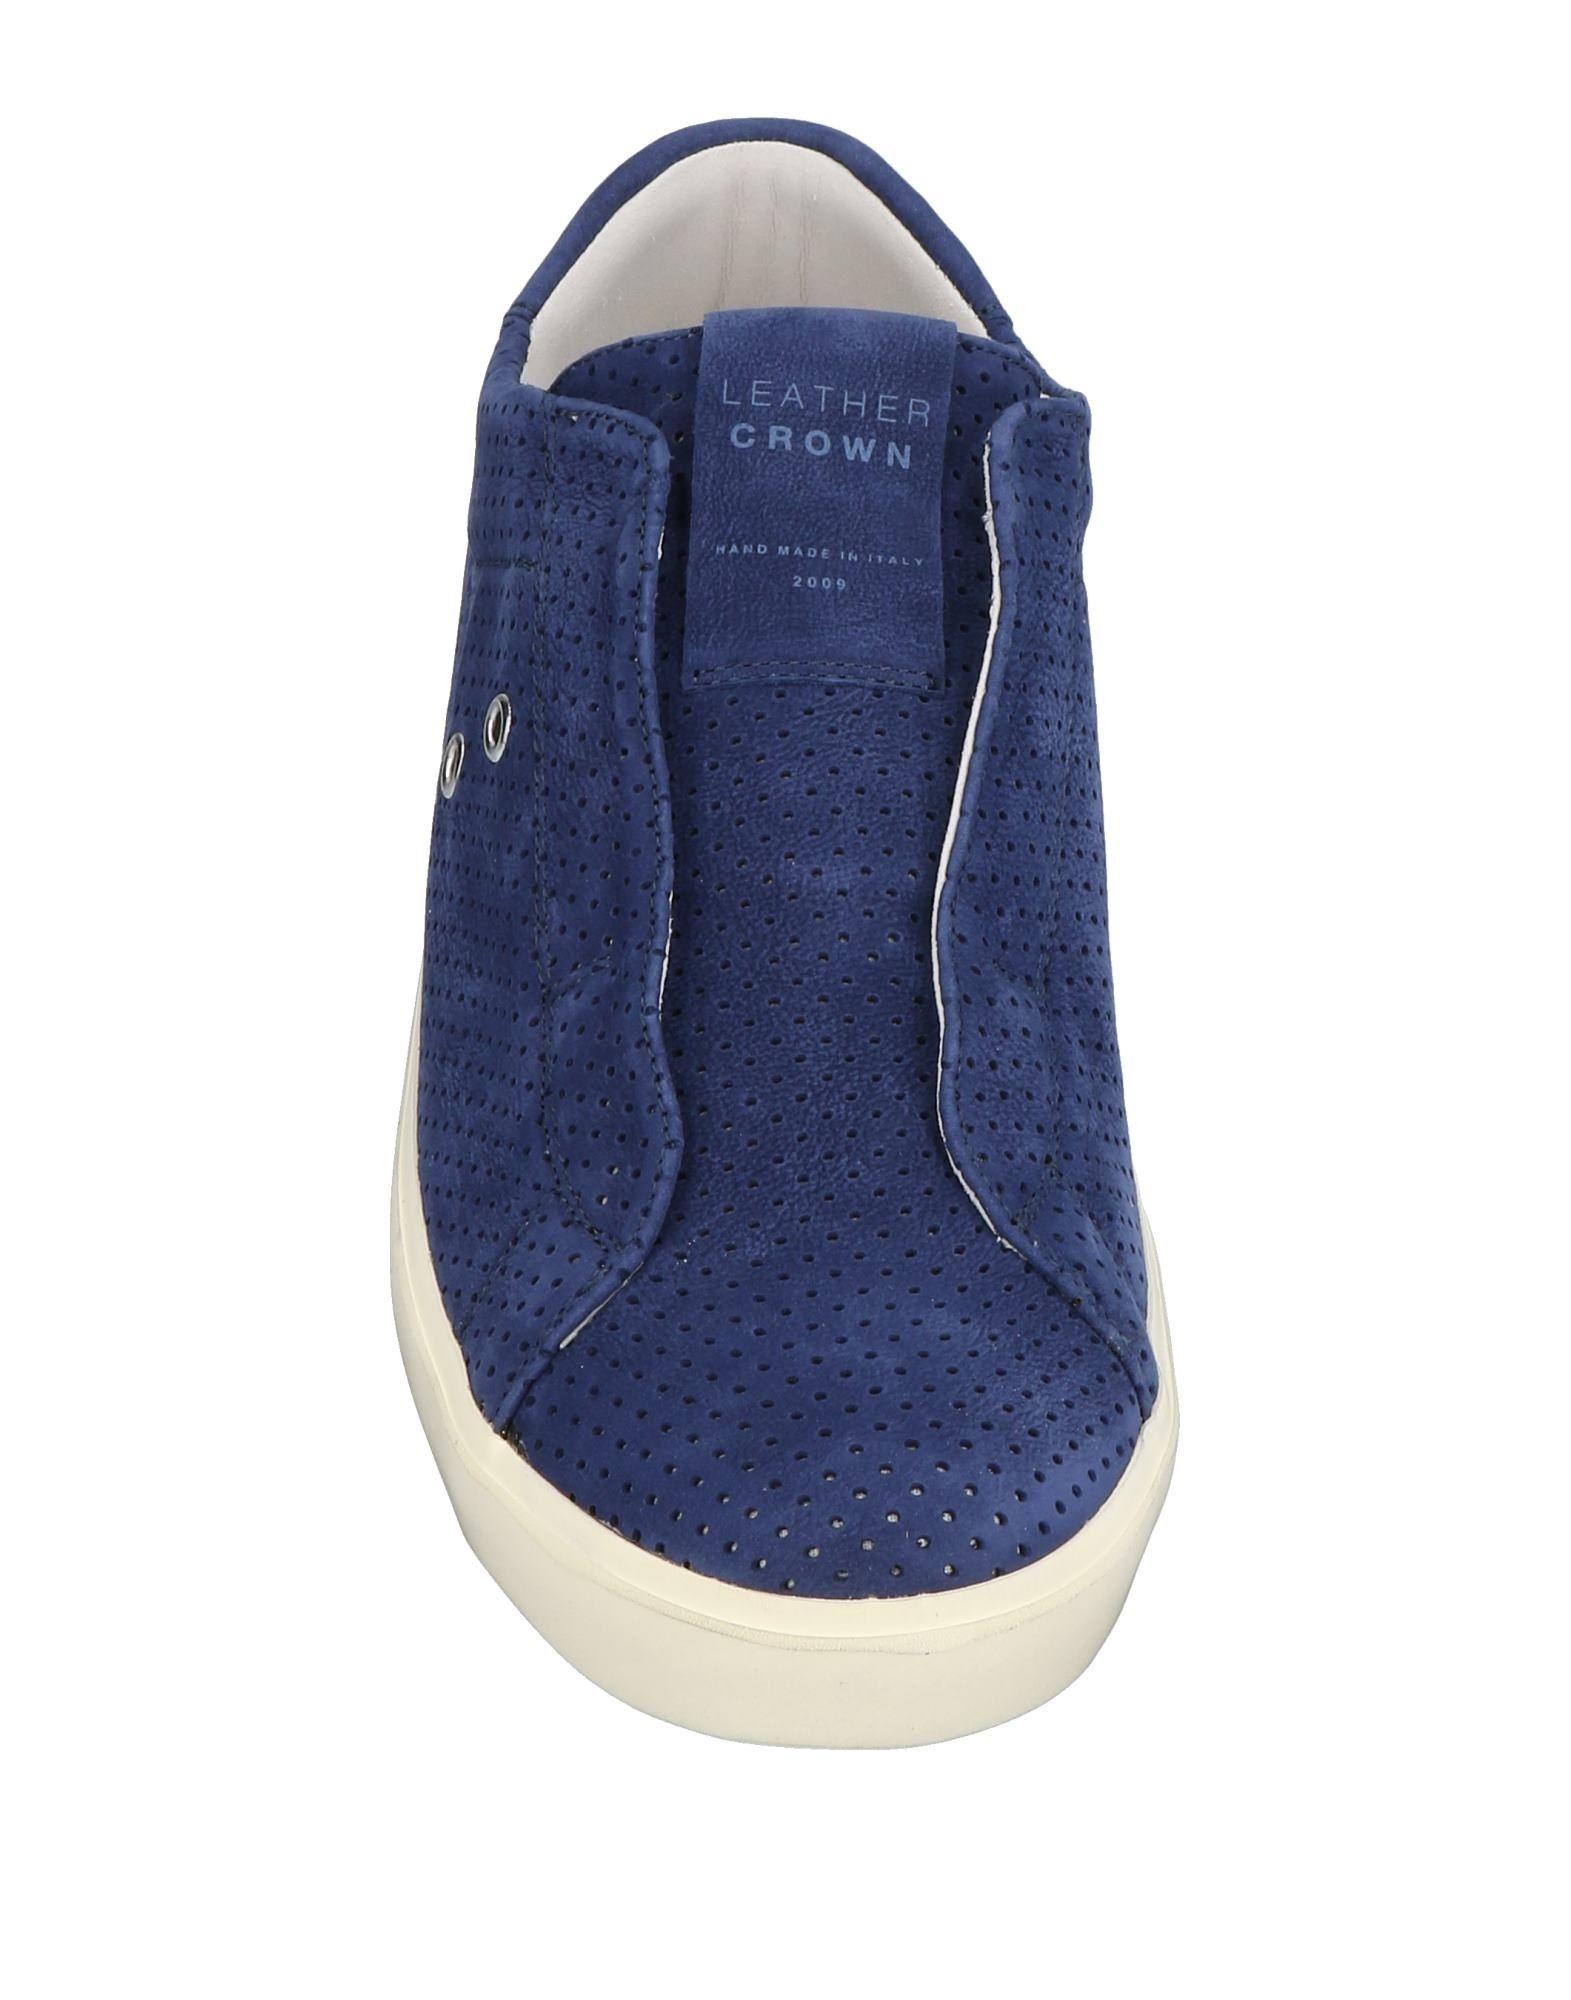 Leather Crown Sneakers Sneakers Crown Herren  11438209NG Neue Schuhe 5b9b62